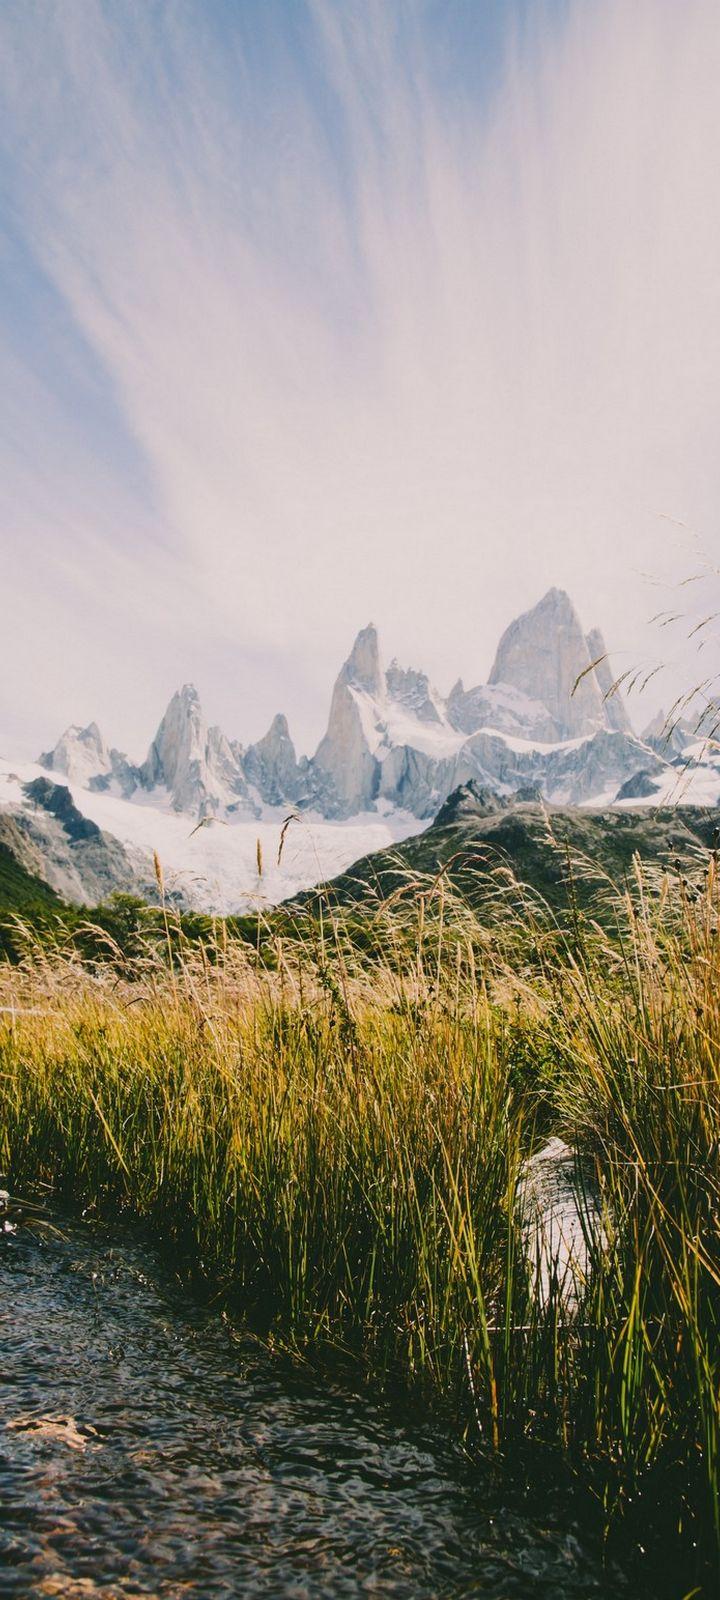 Mountains River Grass Wallpaper 720x1600